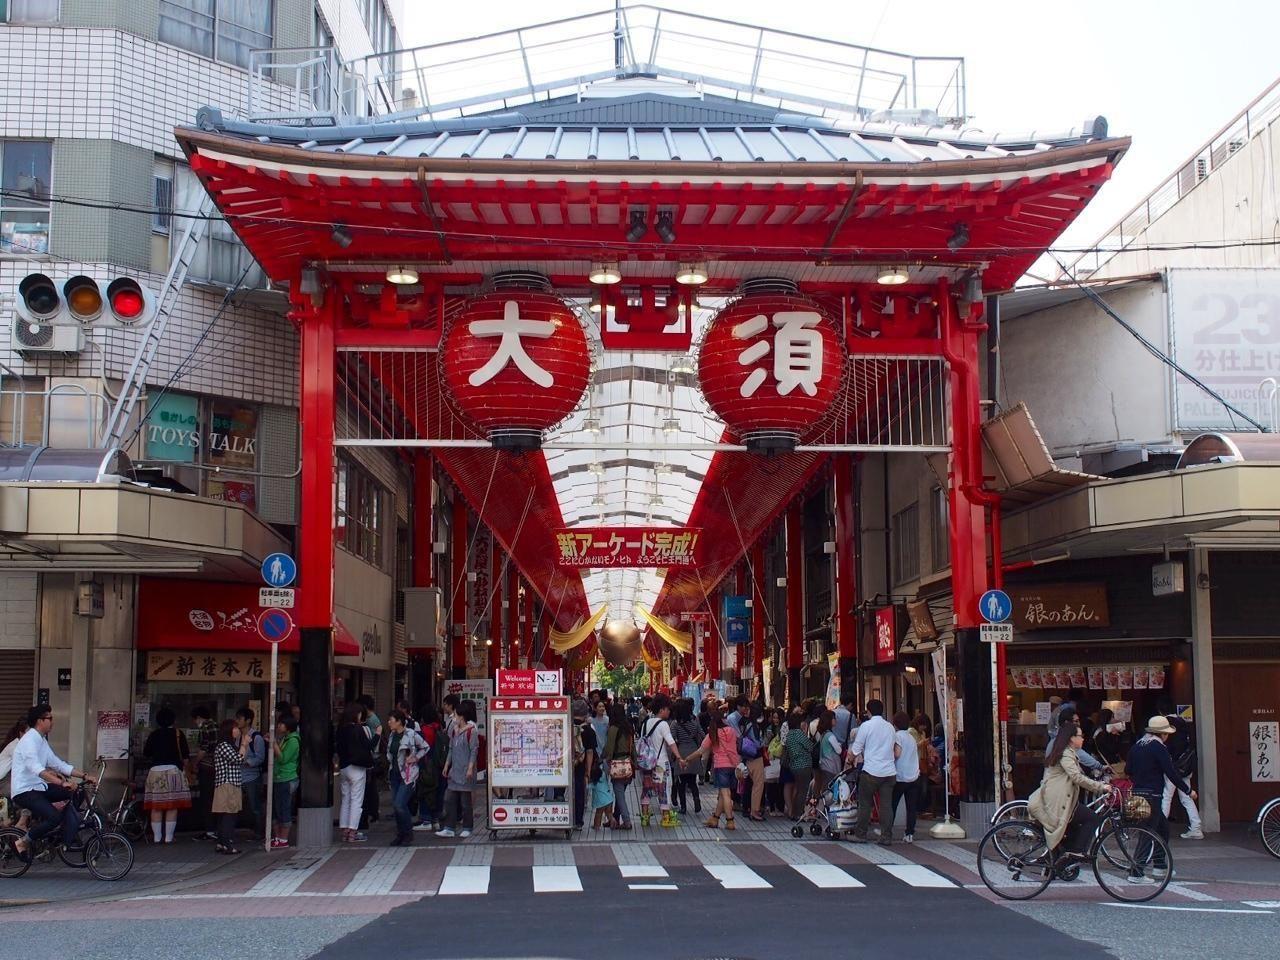 街歩き、買い物、食べ歩き。誰でも楽しめる元気な街